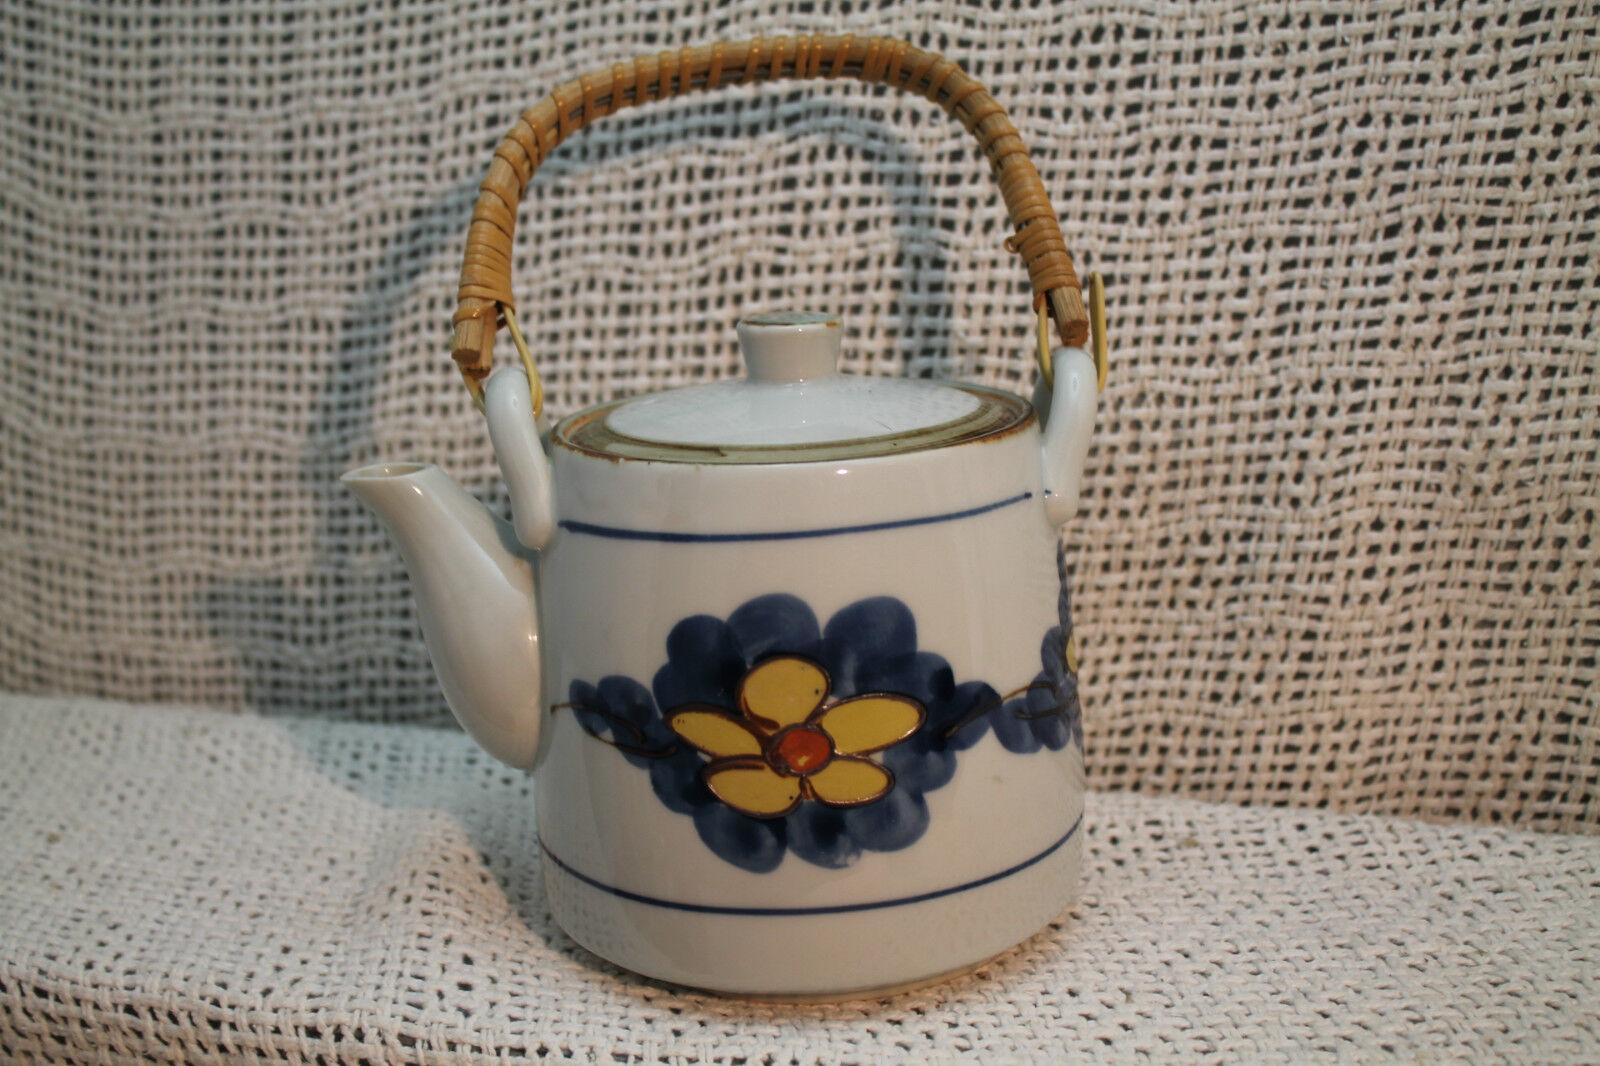 Céramique Vtg Japonais Théière Pottery Bleu Blanc Jaune Fleur Osier Poignée